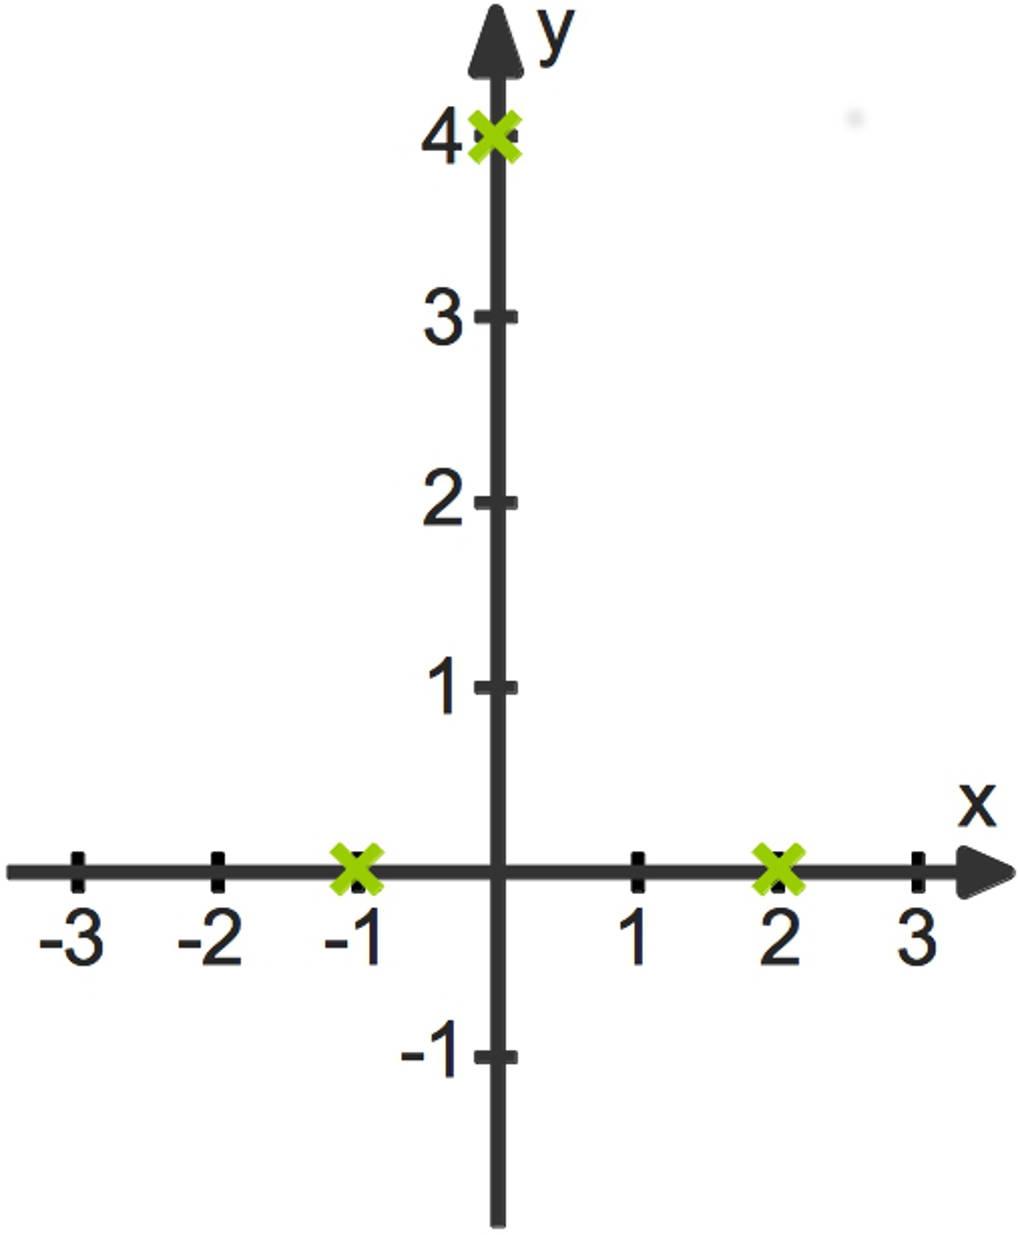 1041_x_3-4x_2_4_2.jpg